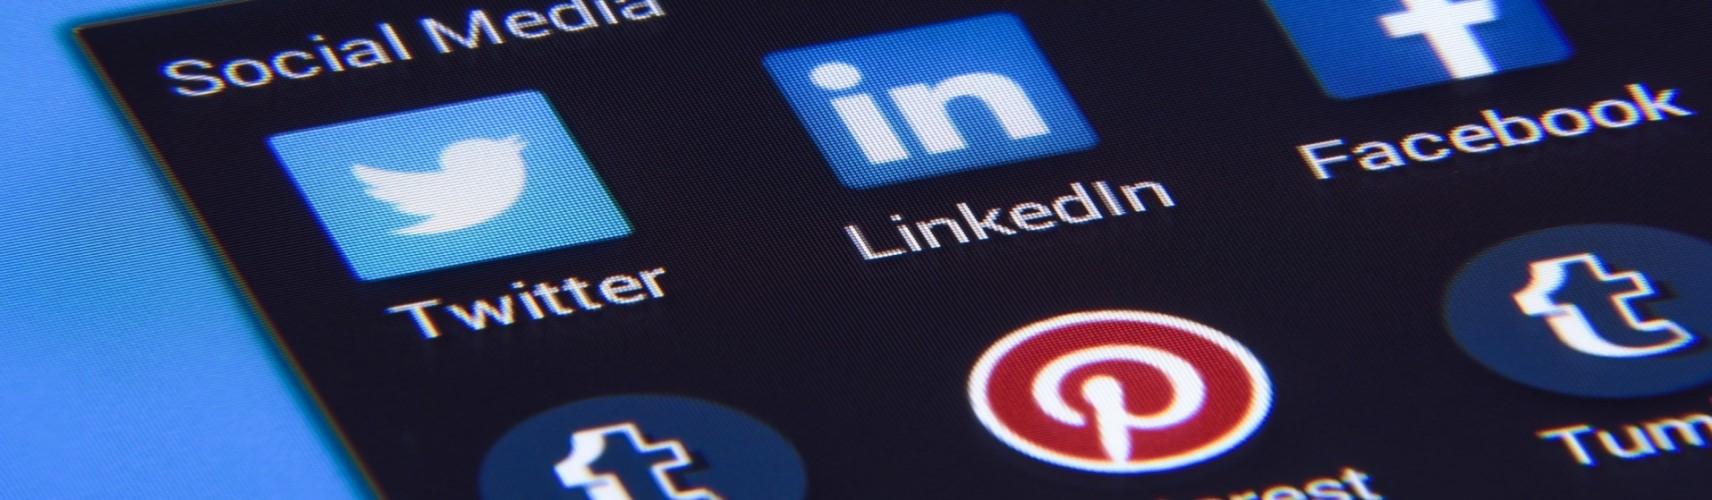 social-media-1795578_1920edited